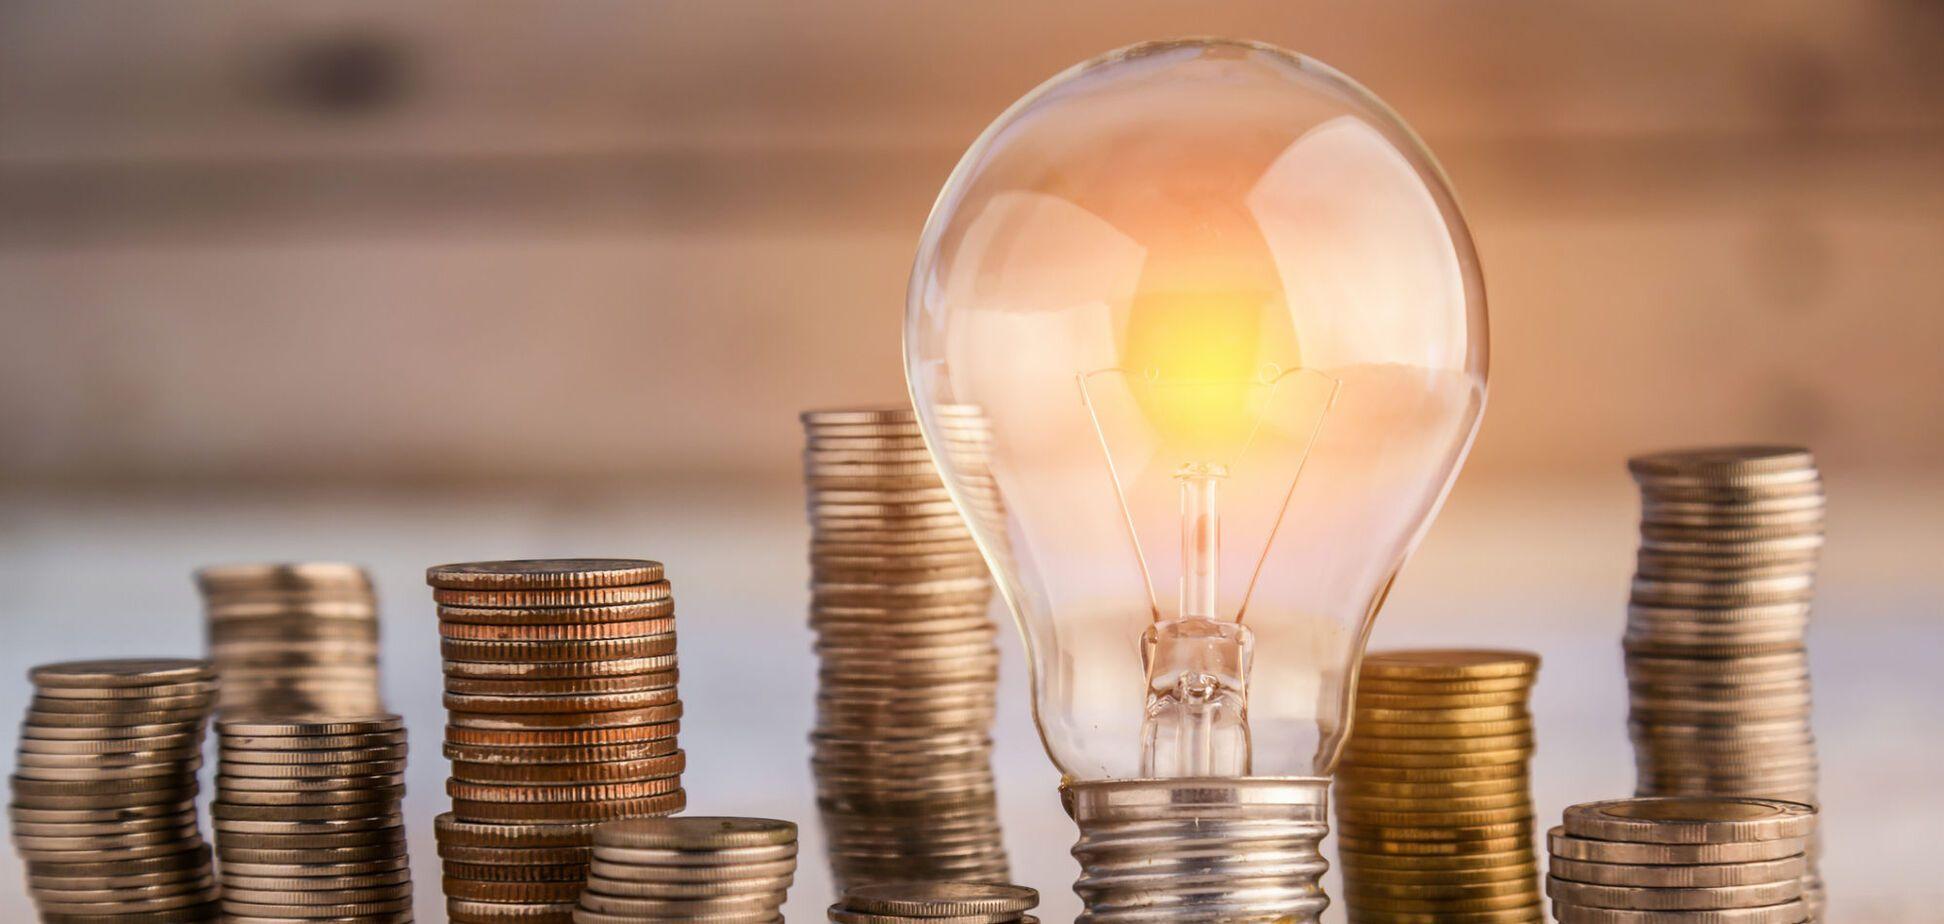 НКРЭКУ предложила повысить тариф на передачу электроэнергии для бизнеса в 2021 году